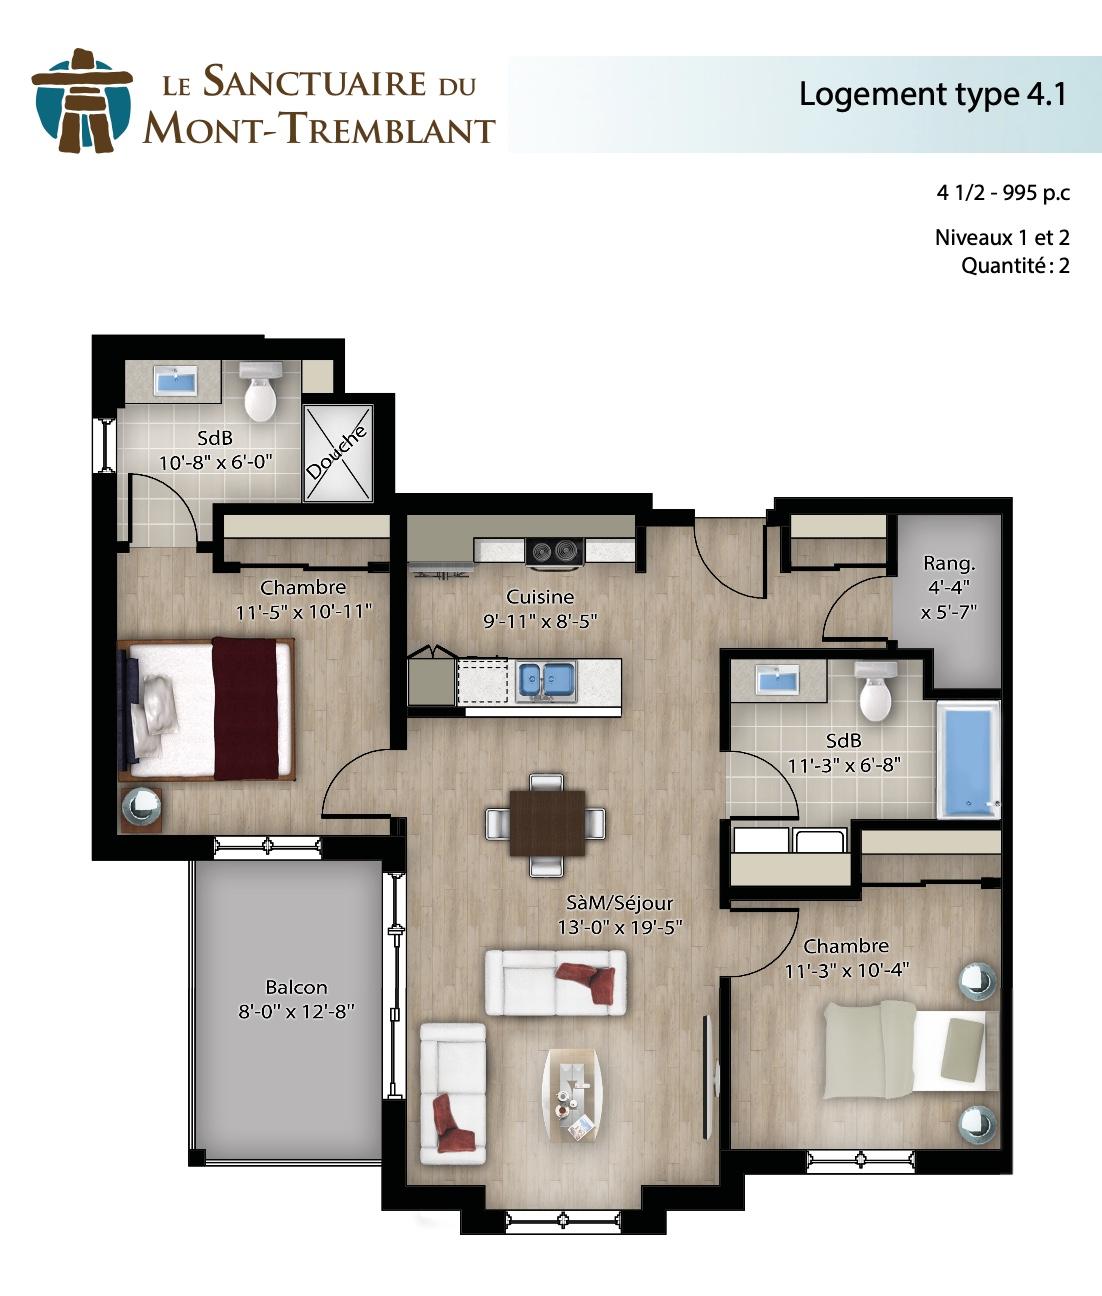 logement-4.1